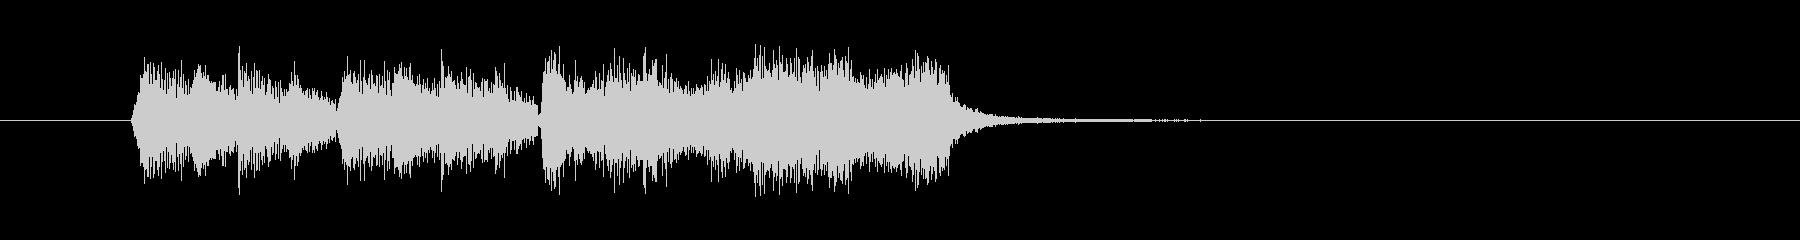 ひょうきんなオーケストラBGMの未再生の波形